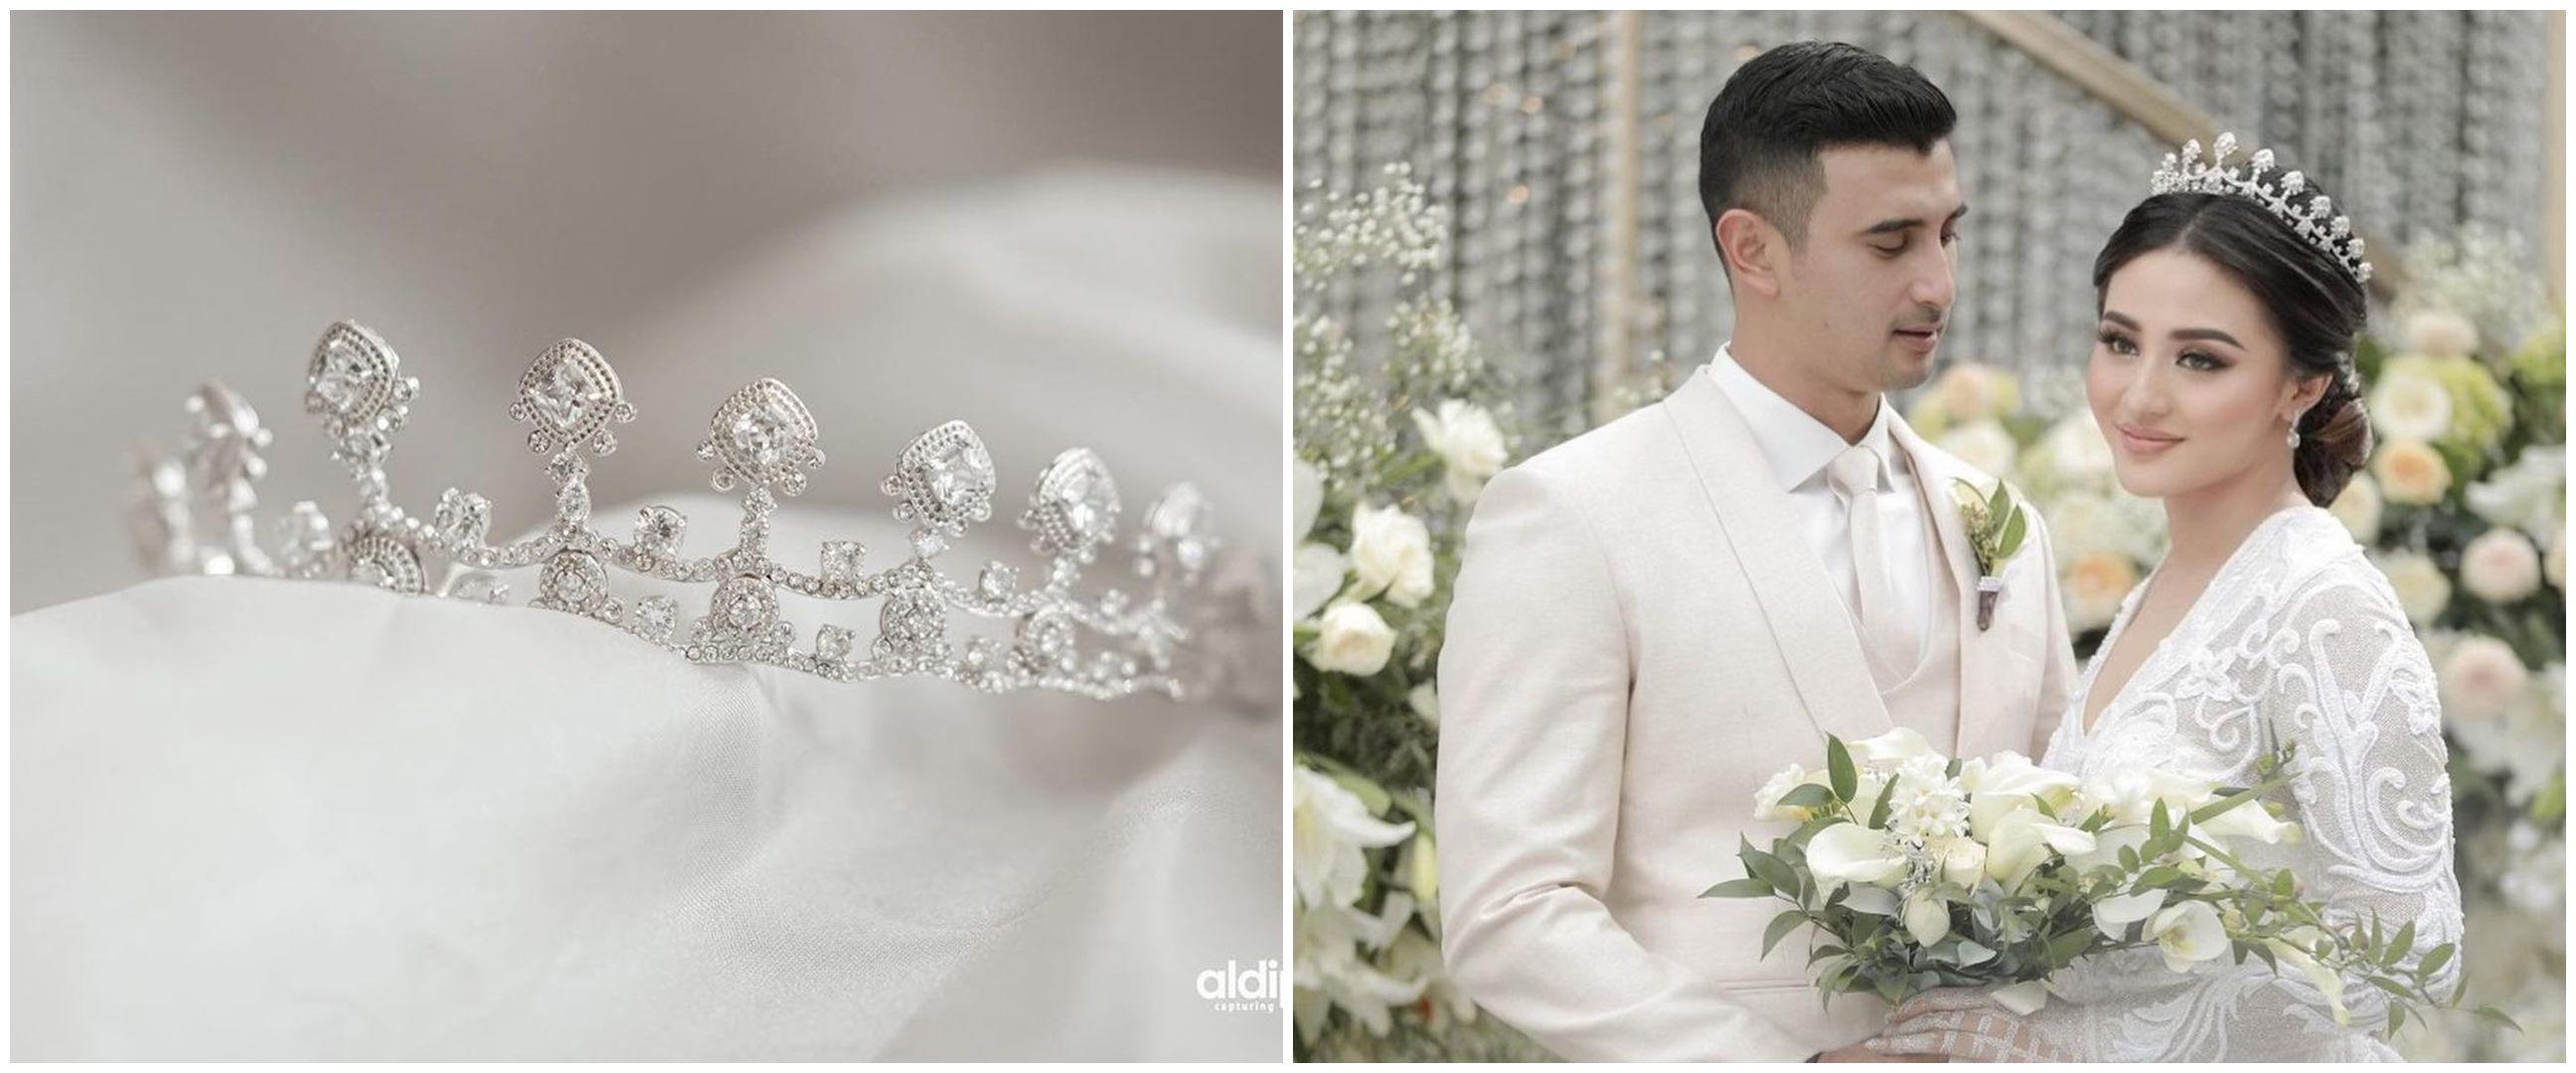 14 Pernak-pernik pernikahan Ali Syakieb dan Margin Wieheerm